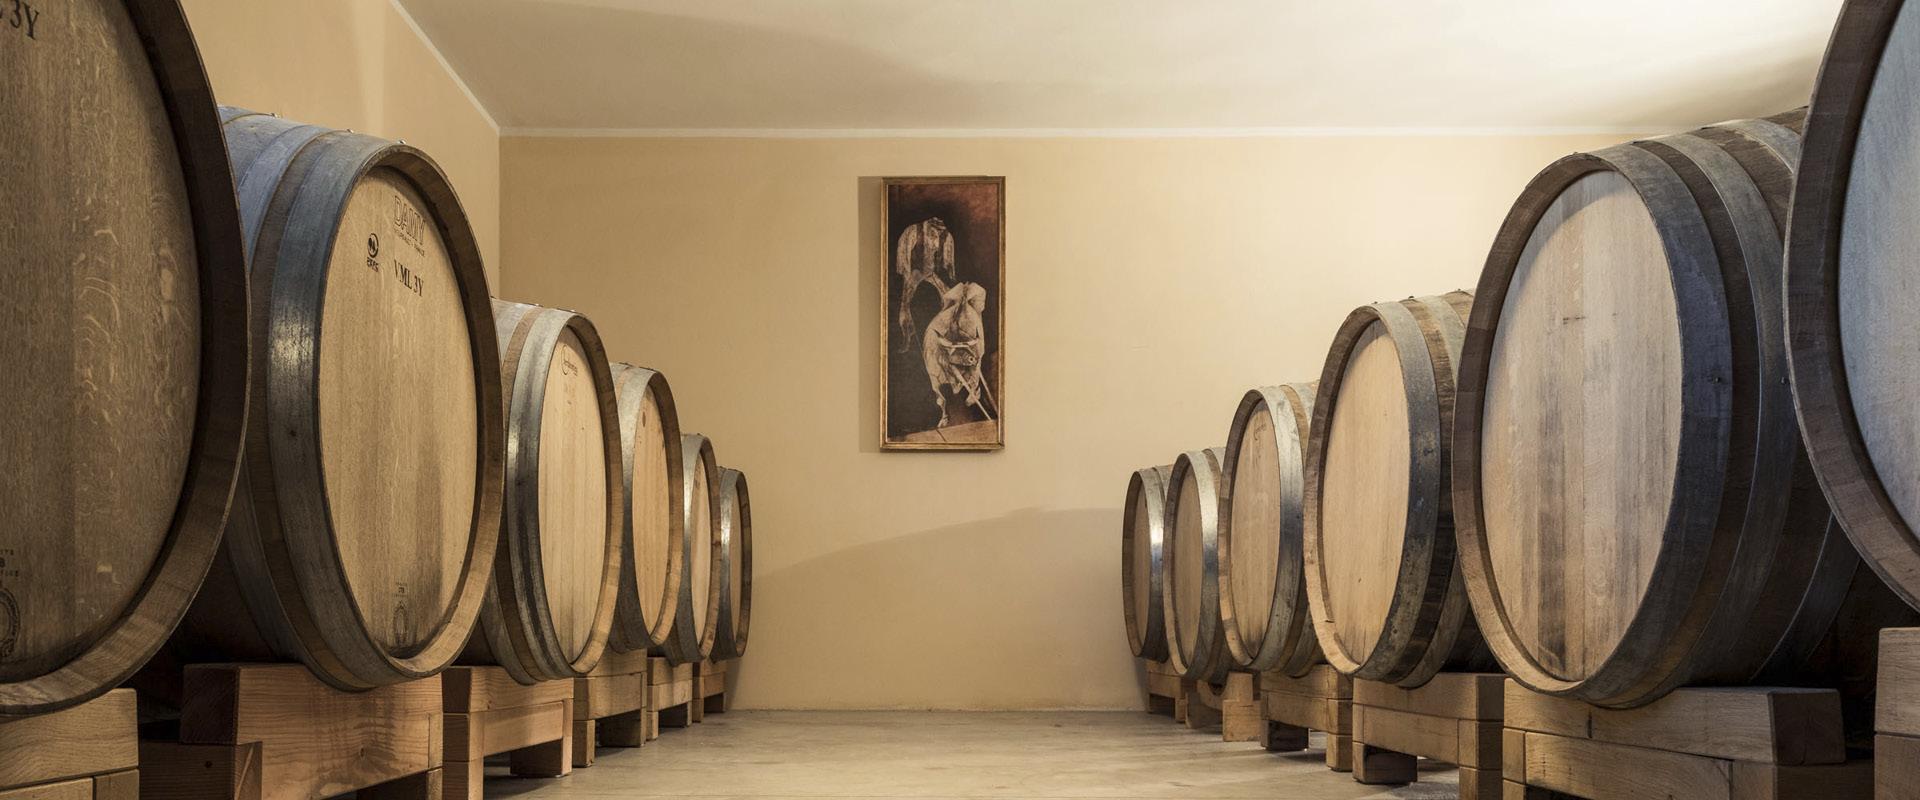 Weisswein Holzfaesser Weingut Dona